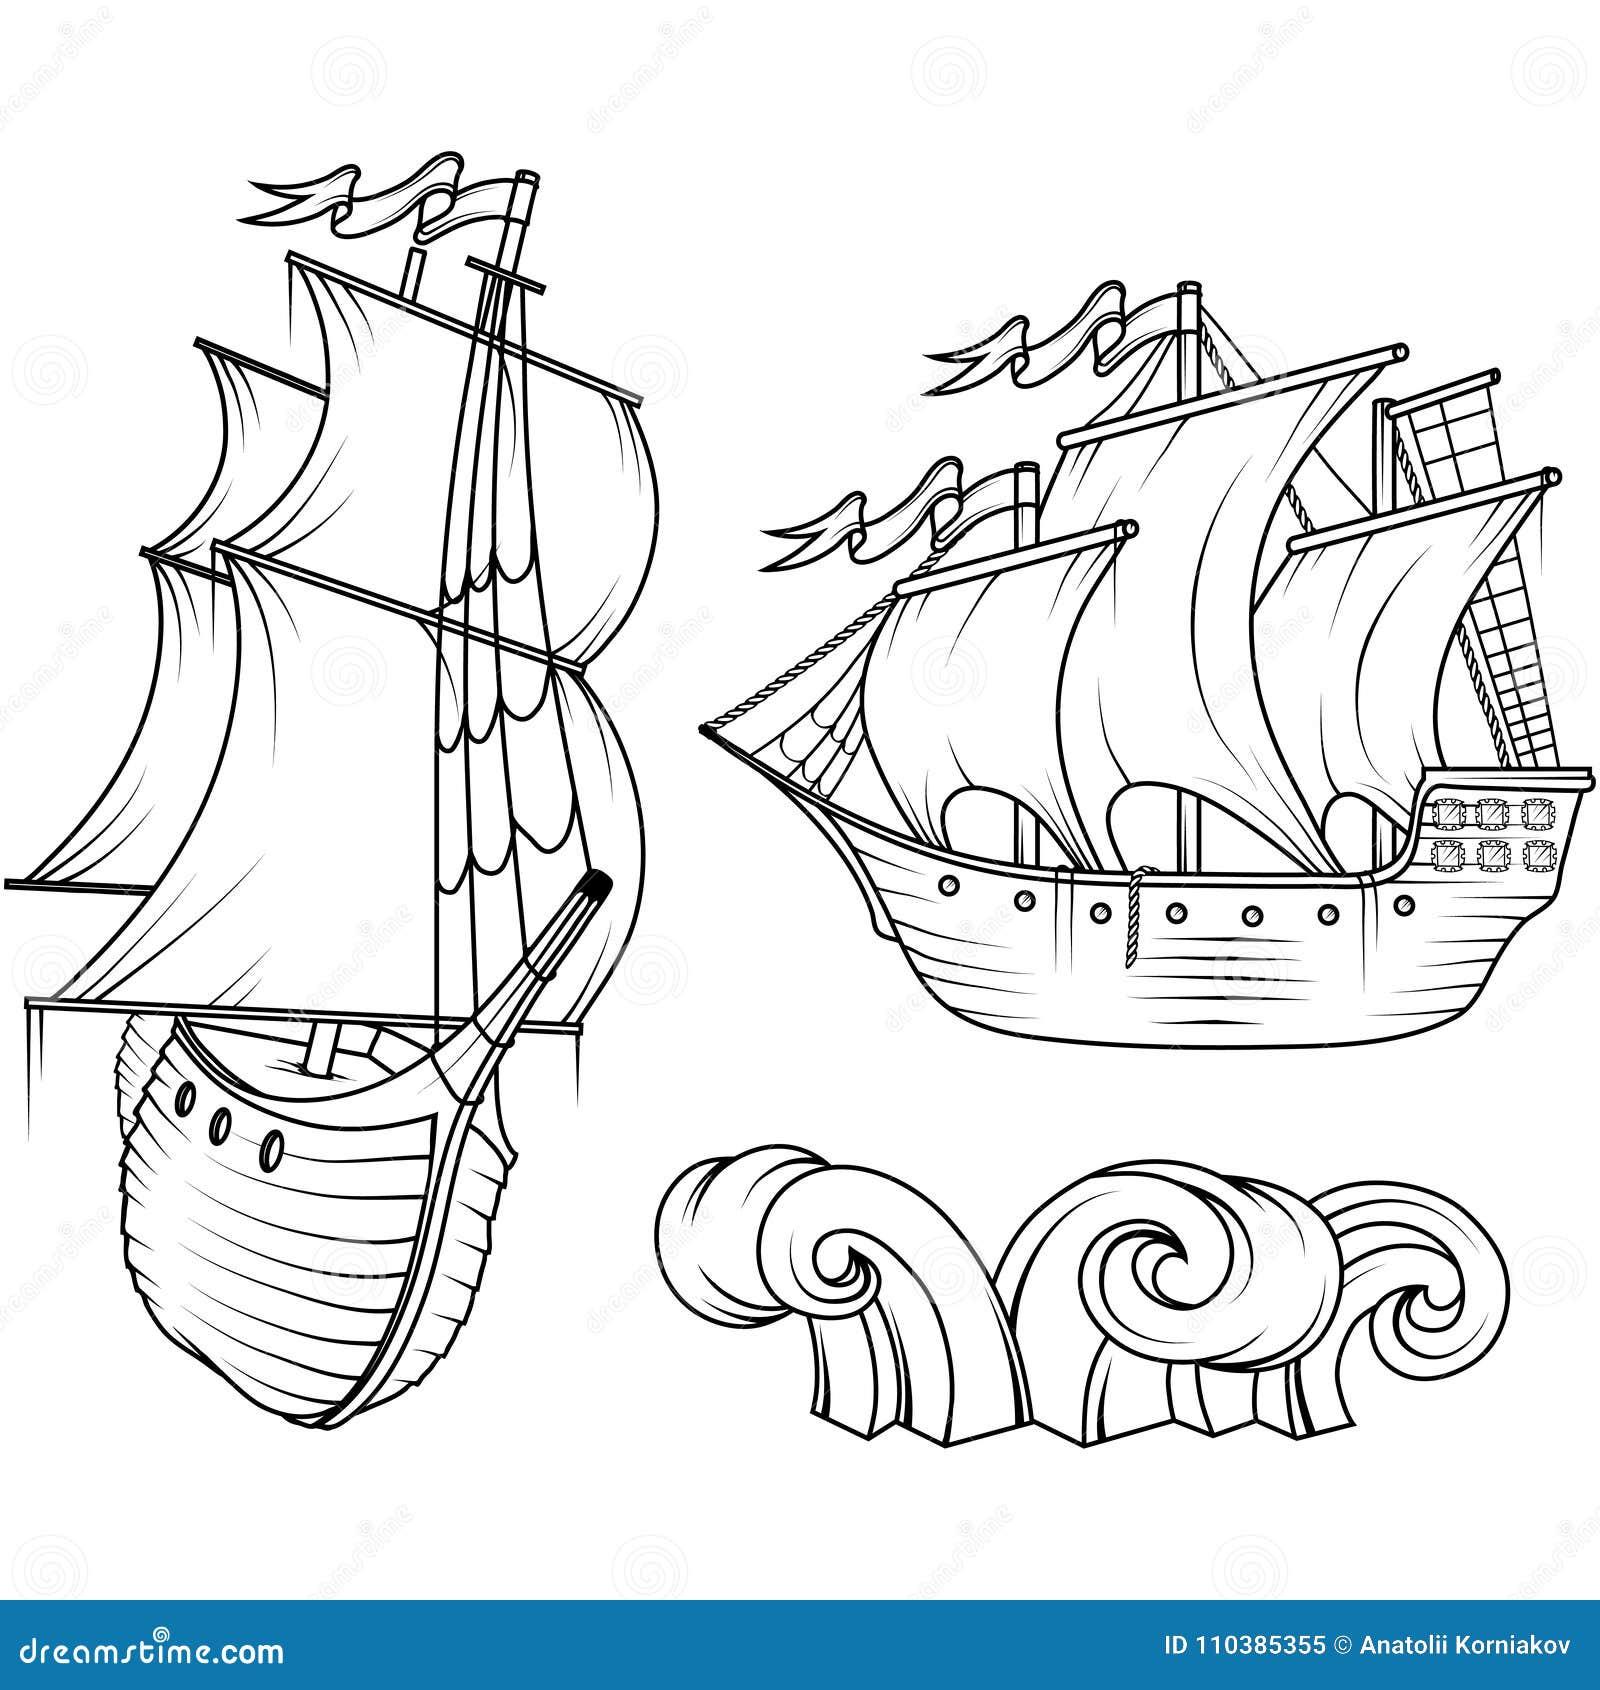 τρισδιάστατο ηλιοβασίλεμα σκαφών ναυσιπλοΐας τοπίων αναδρομικό σκάφος φορτίο τρισδιάστατο ηλιοβασίλεμα σκαφών ναυσιπλοΐας τοπίων